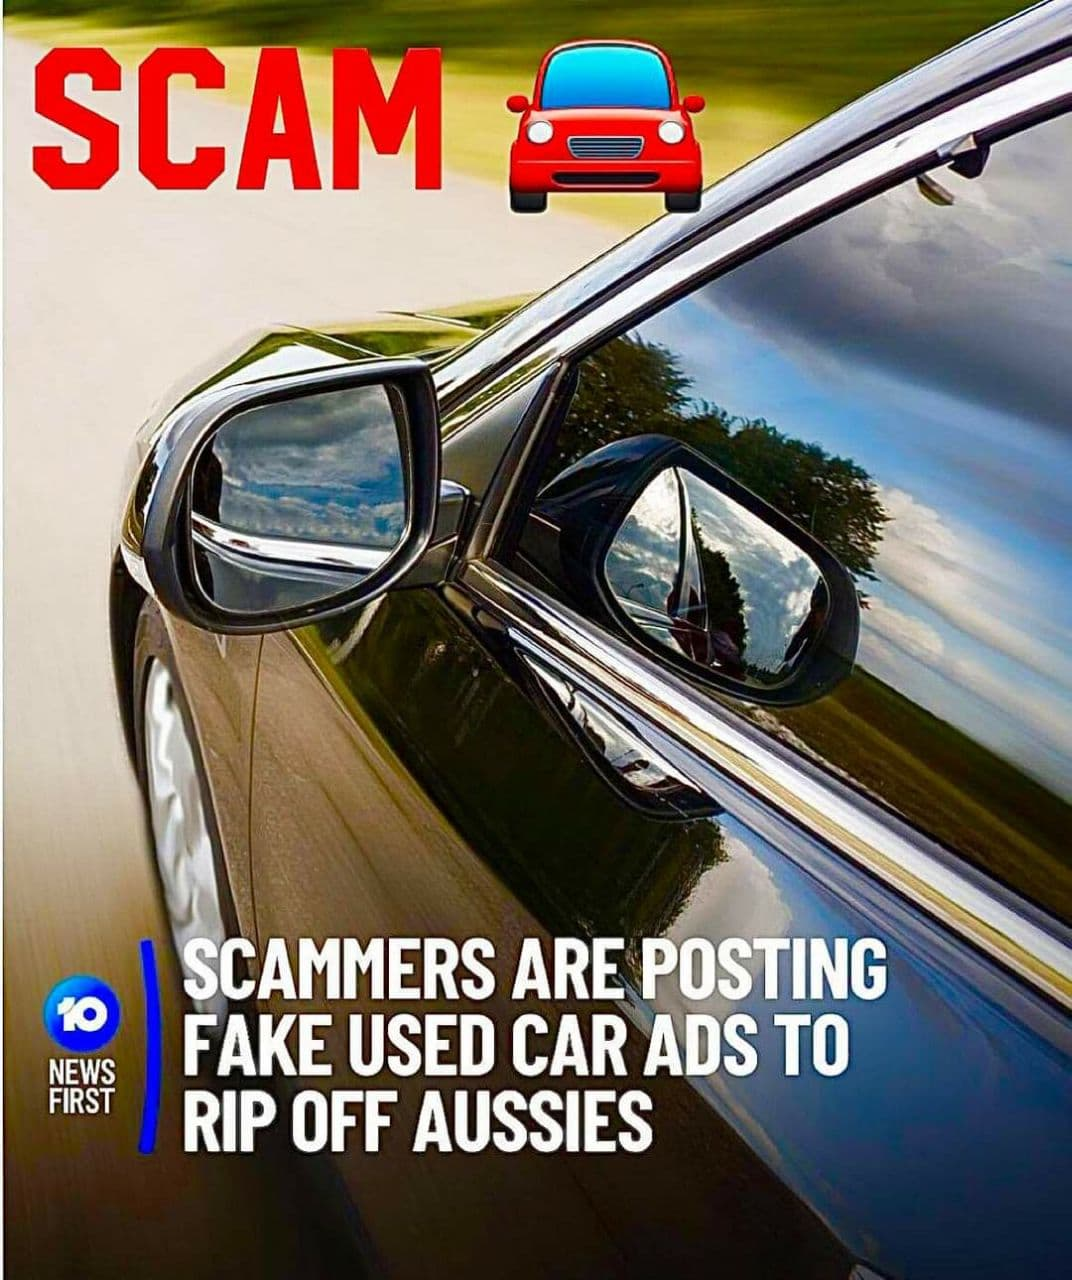 الأستراليون يقعون ضحايا إعلانات بيع سيارات مزورة على وسائل التواصل الاجتماعي